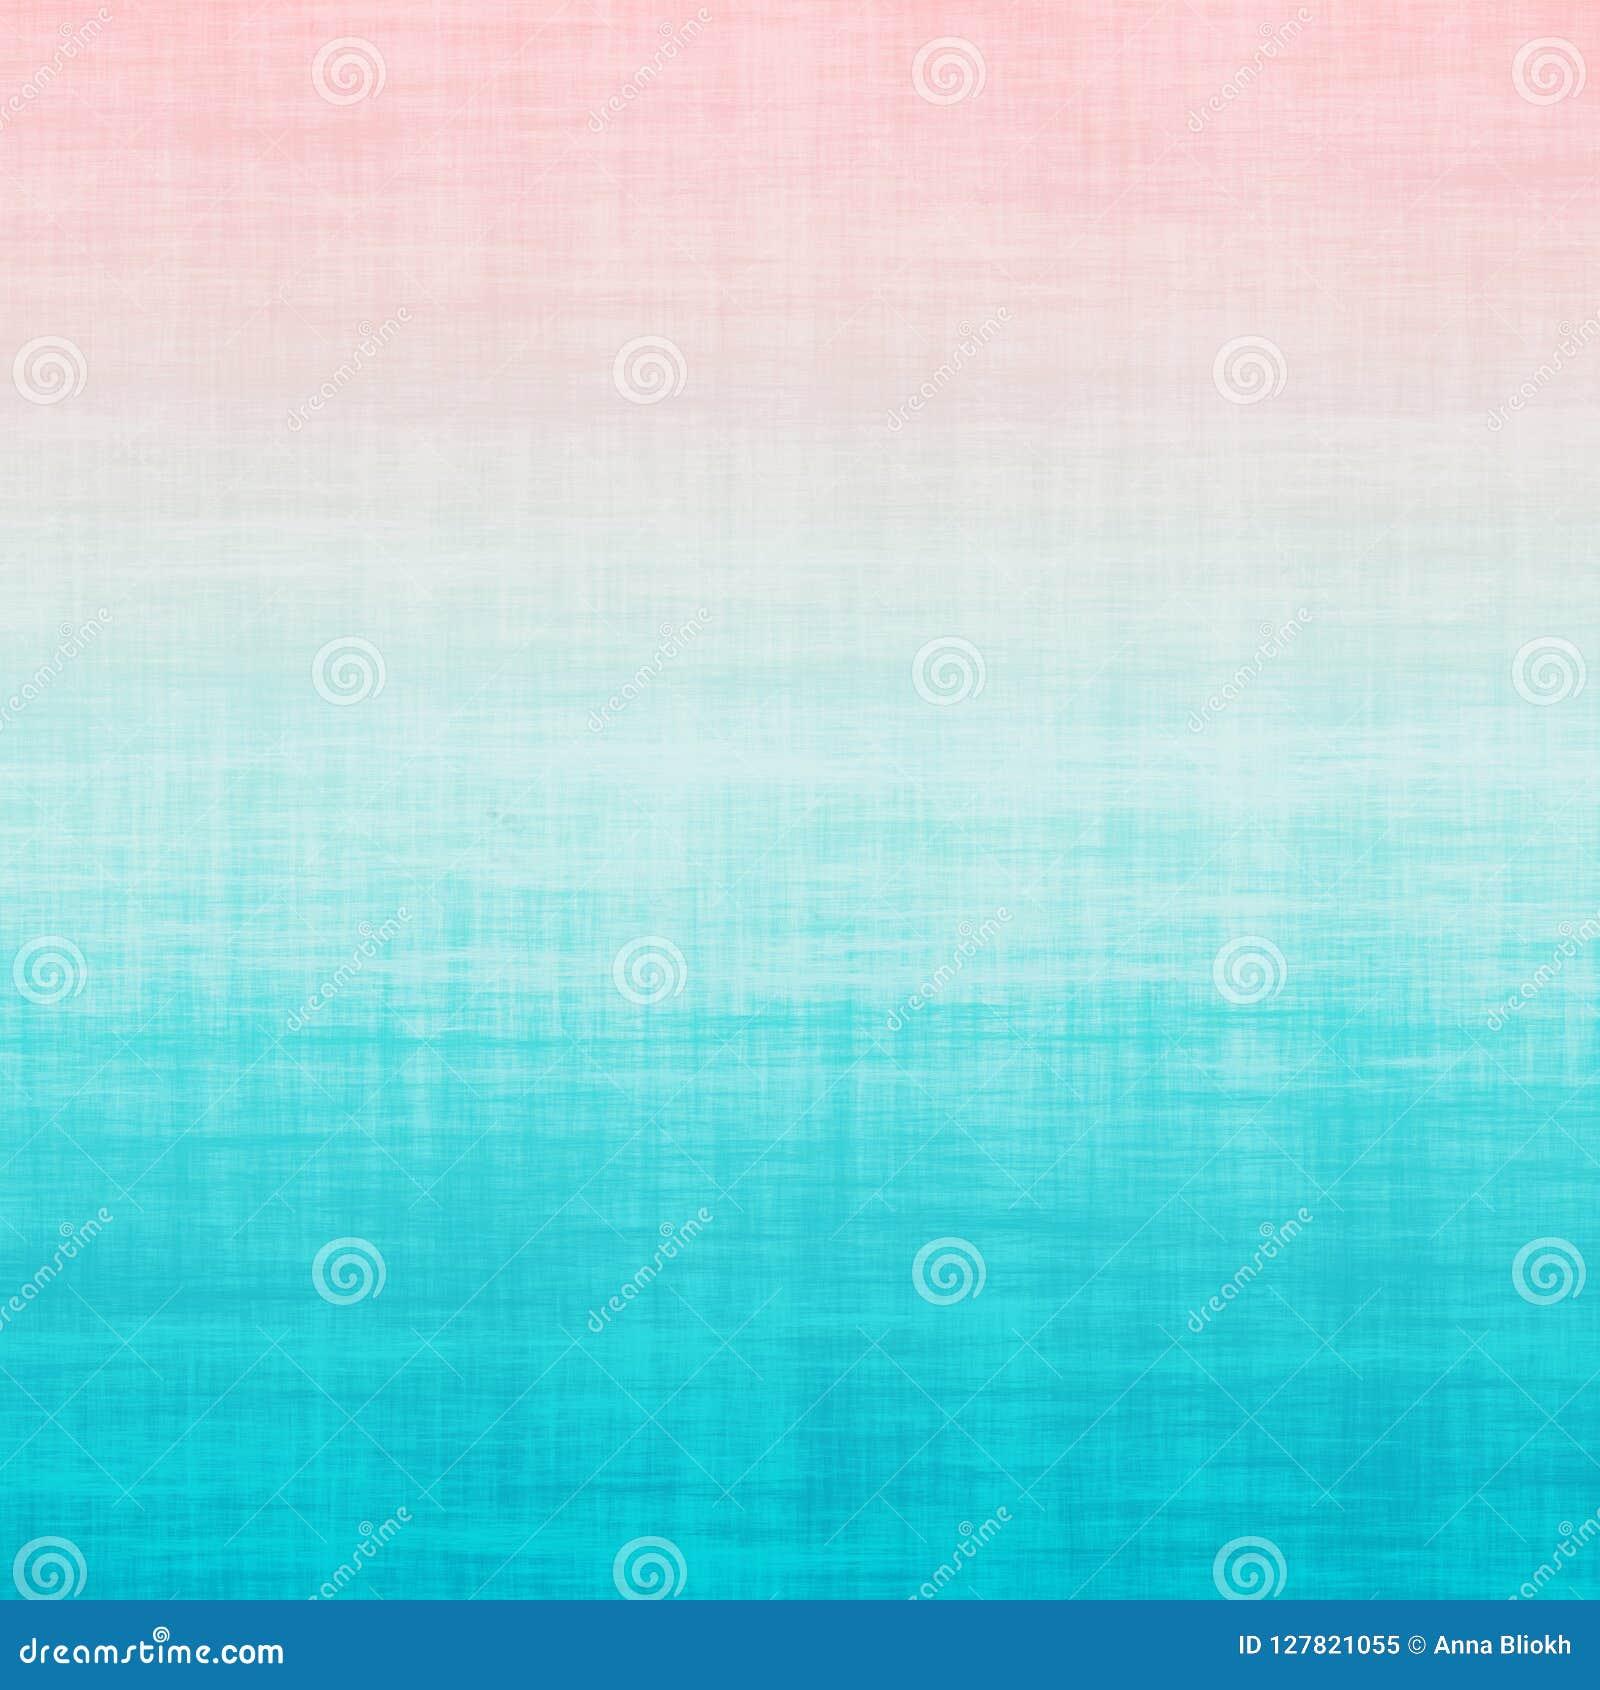 Fondo rosado milenario del pastel de la pendiente de Aqua Blue Teal Ombre Grunge